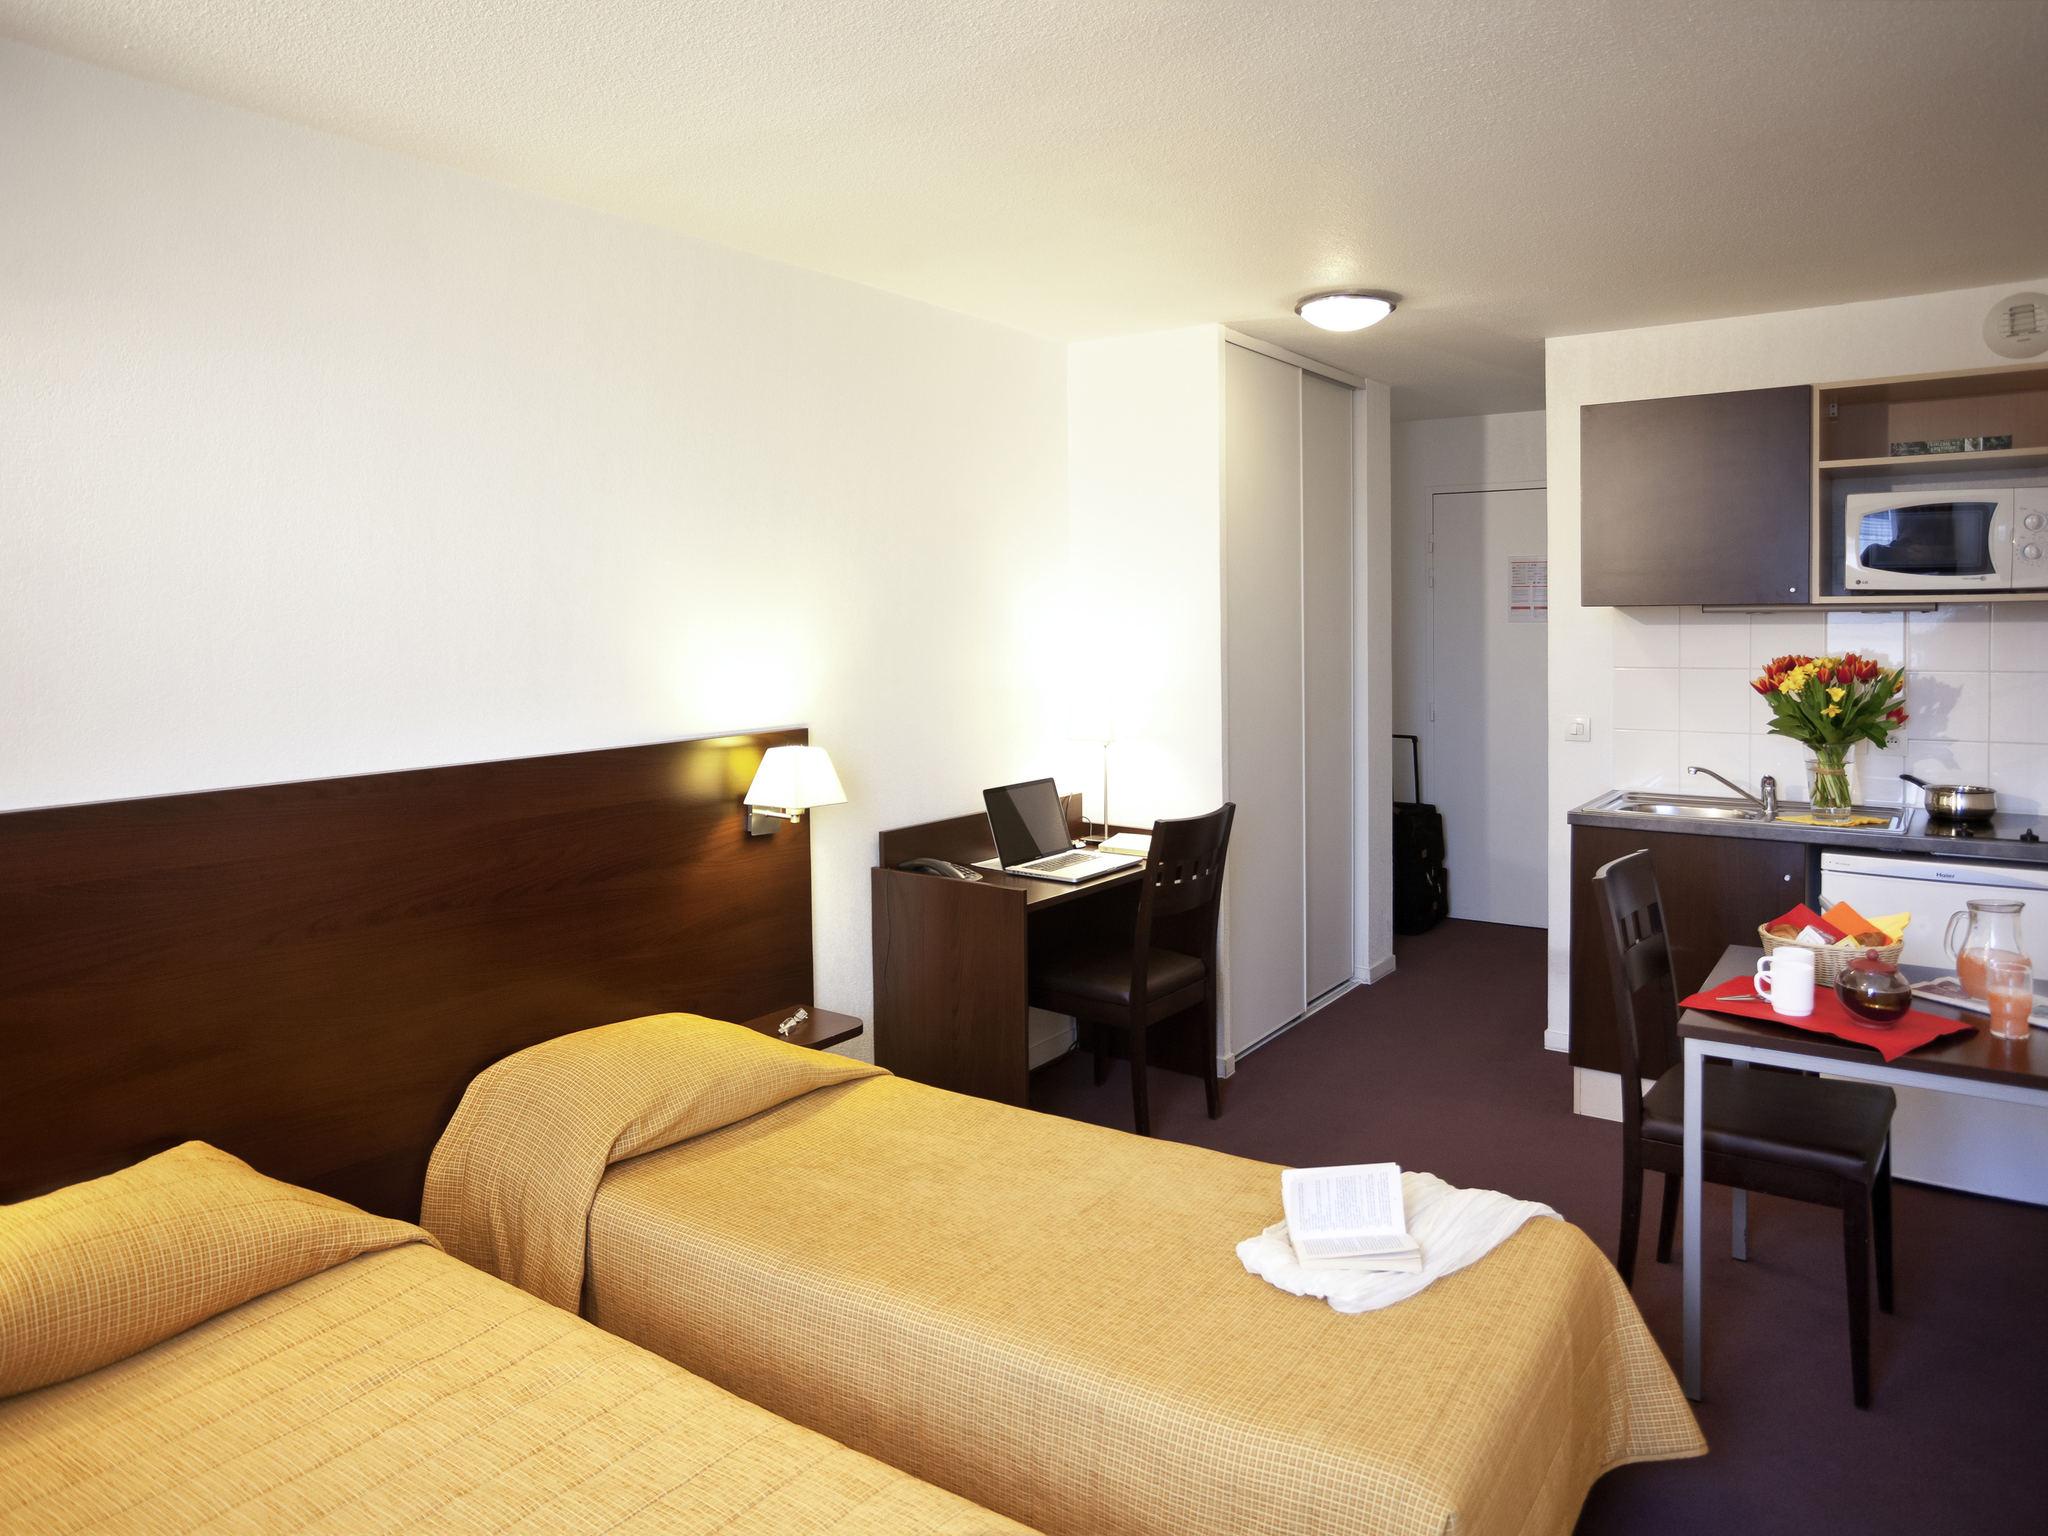 Hôtel - Aparthotel Adagio access Paris Saint-Denis Pleyel